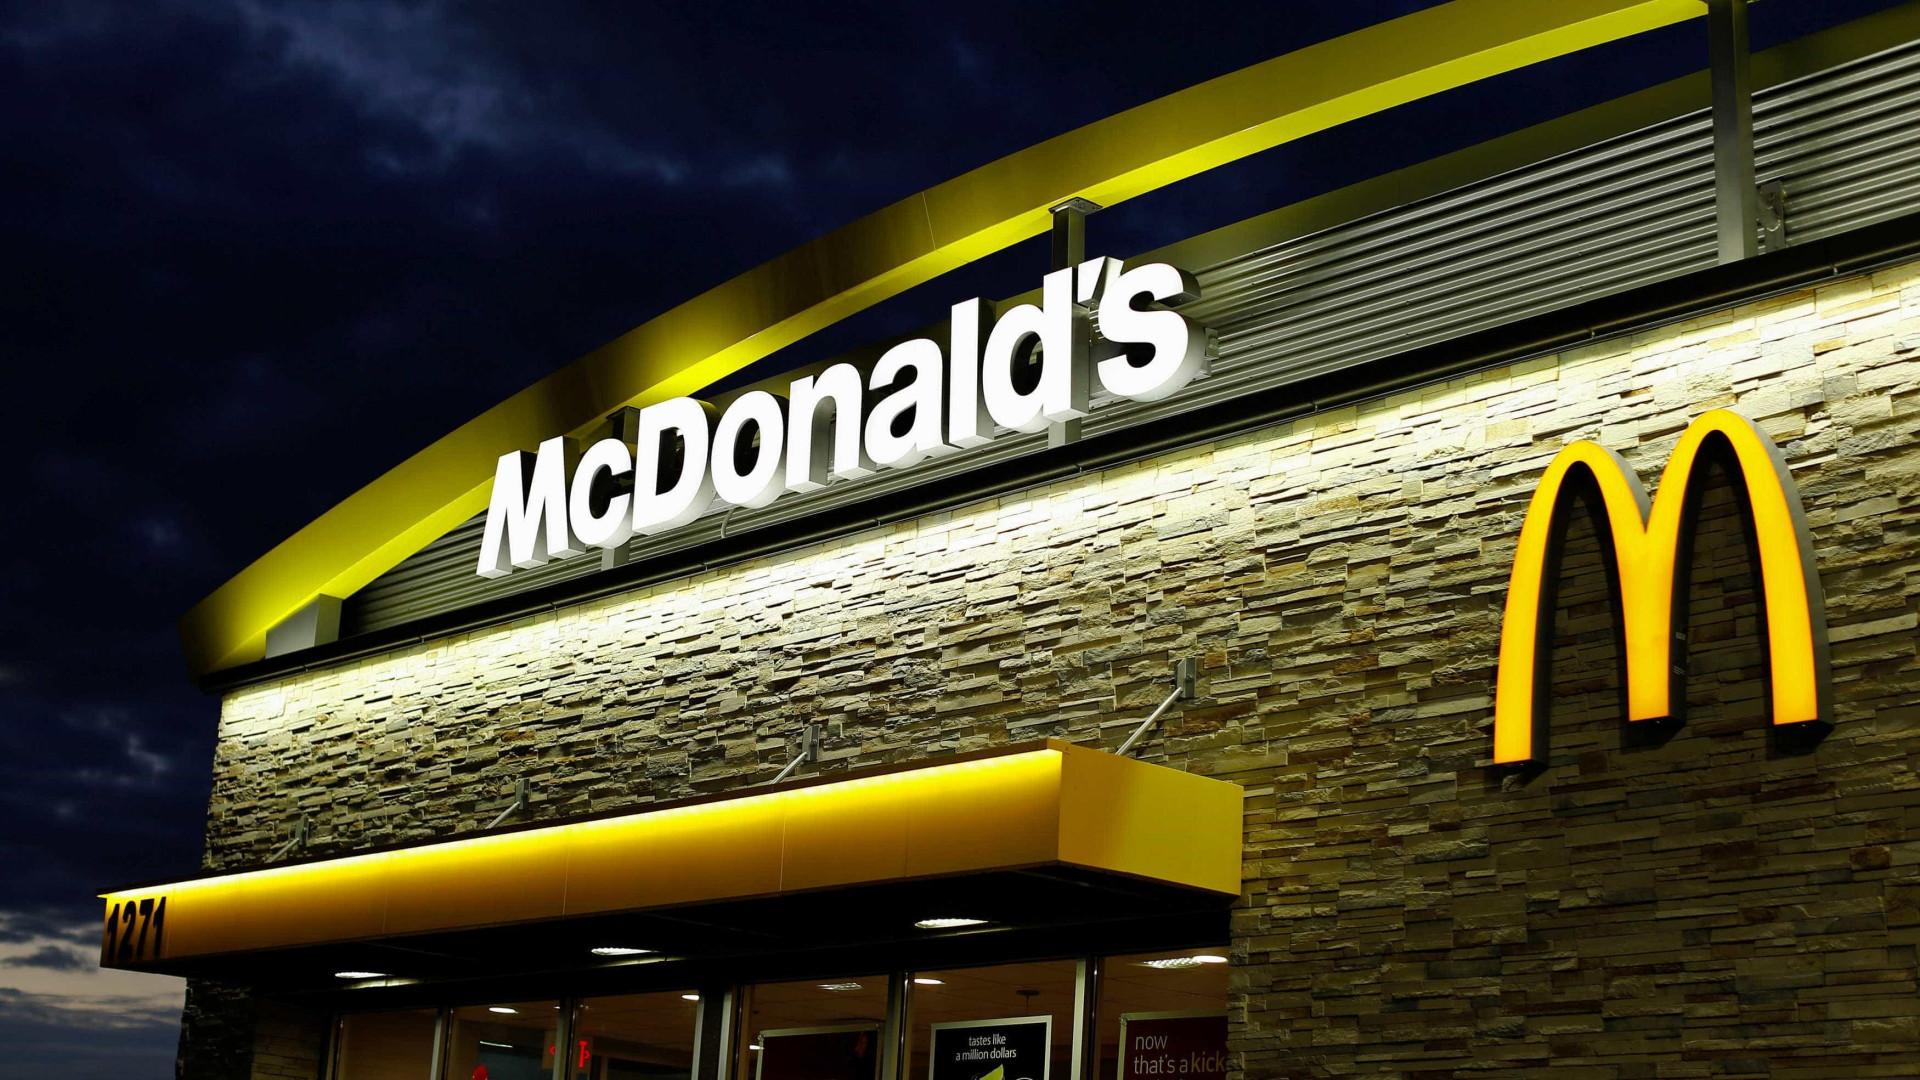 Encontrada pastilha elástica em hambúrguer do McDonald's no Colombo